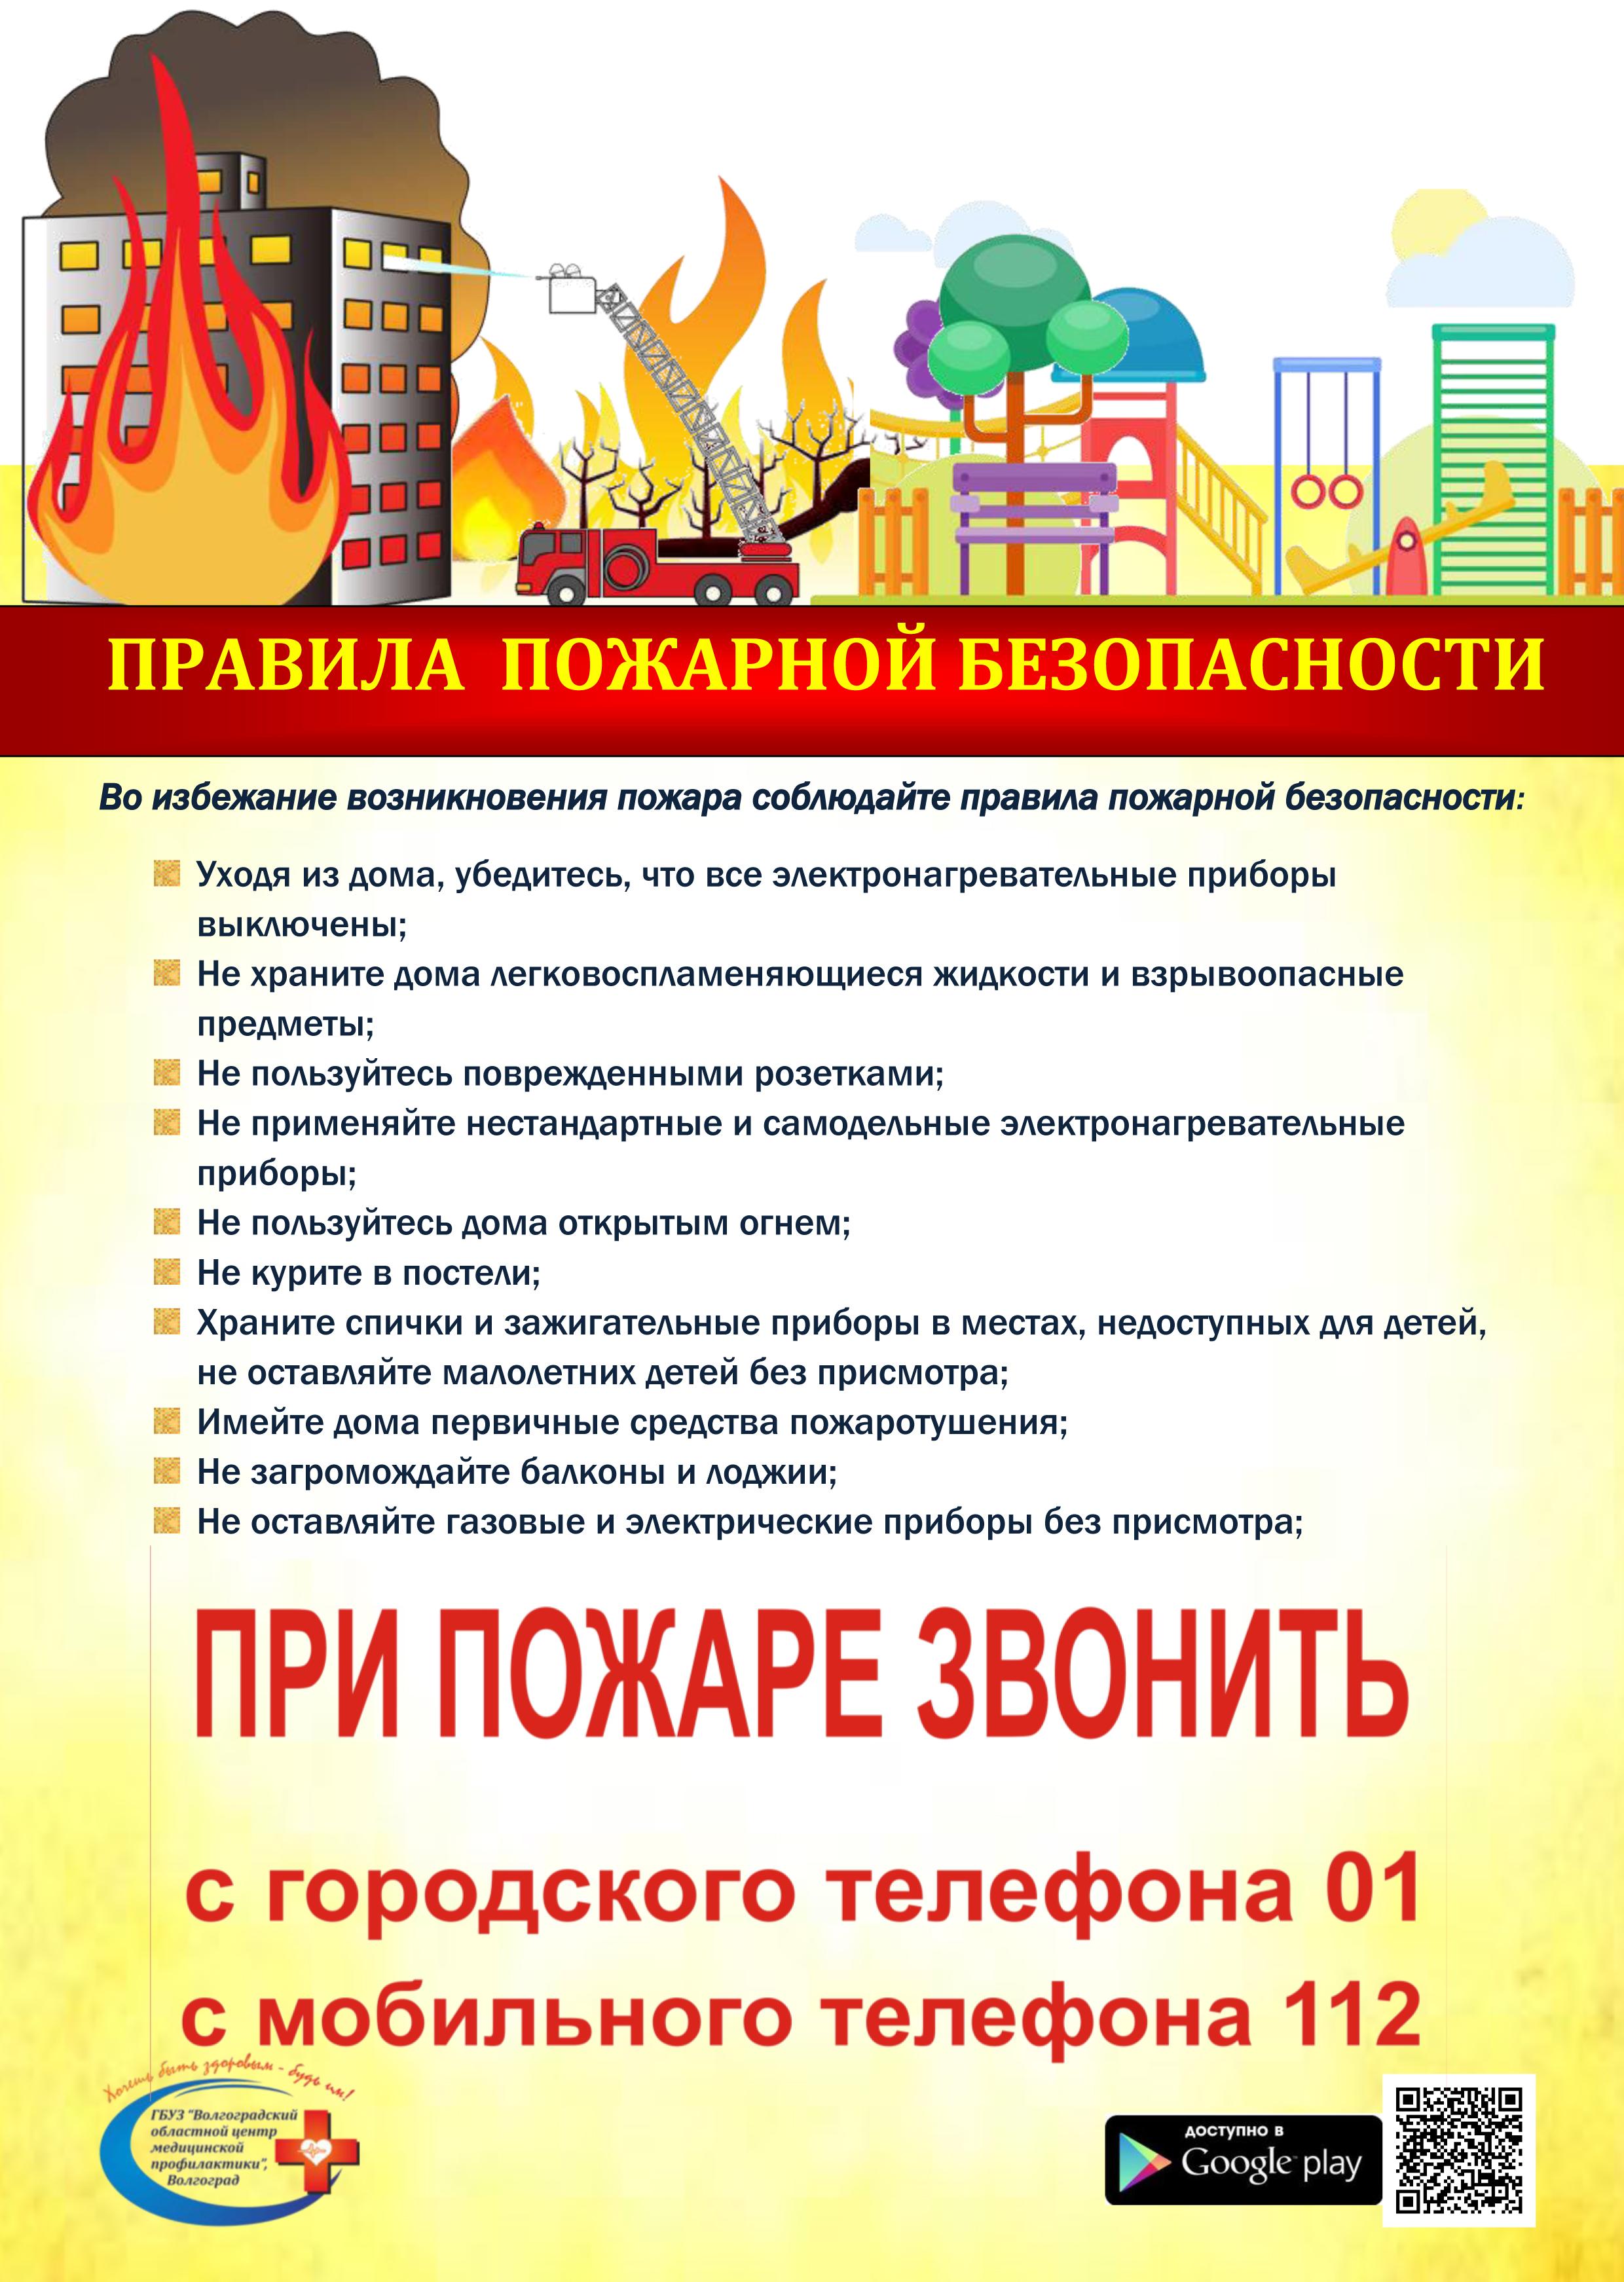 Во-избежание-возникновения-пожара-соблюдайте-правила-пожарной-безопасности-1-1